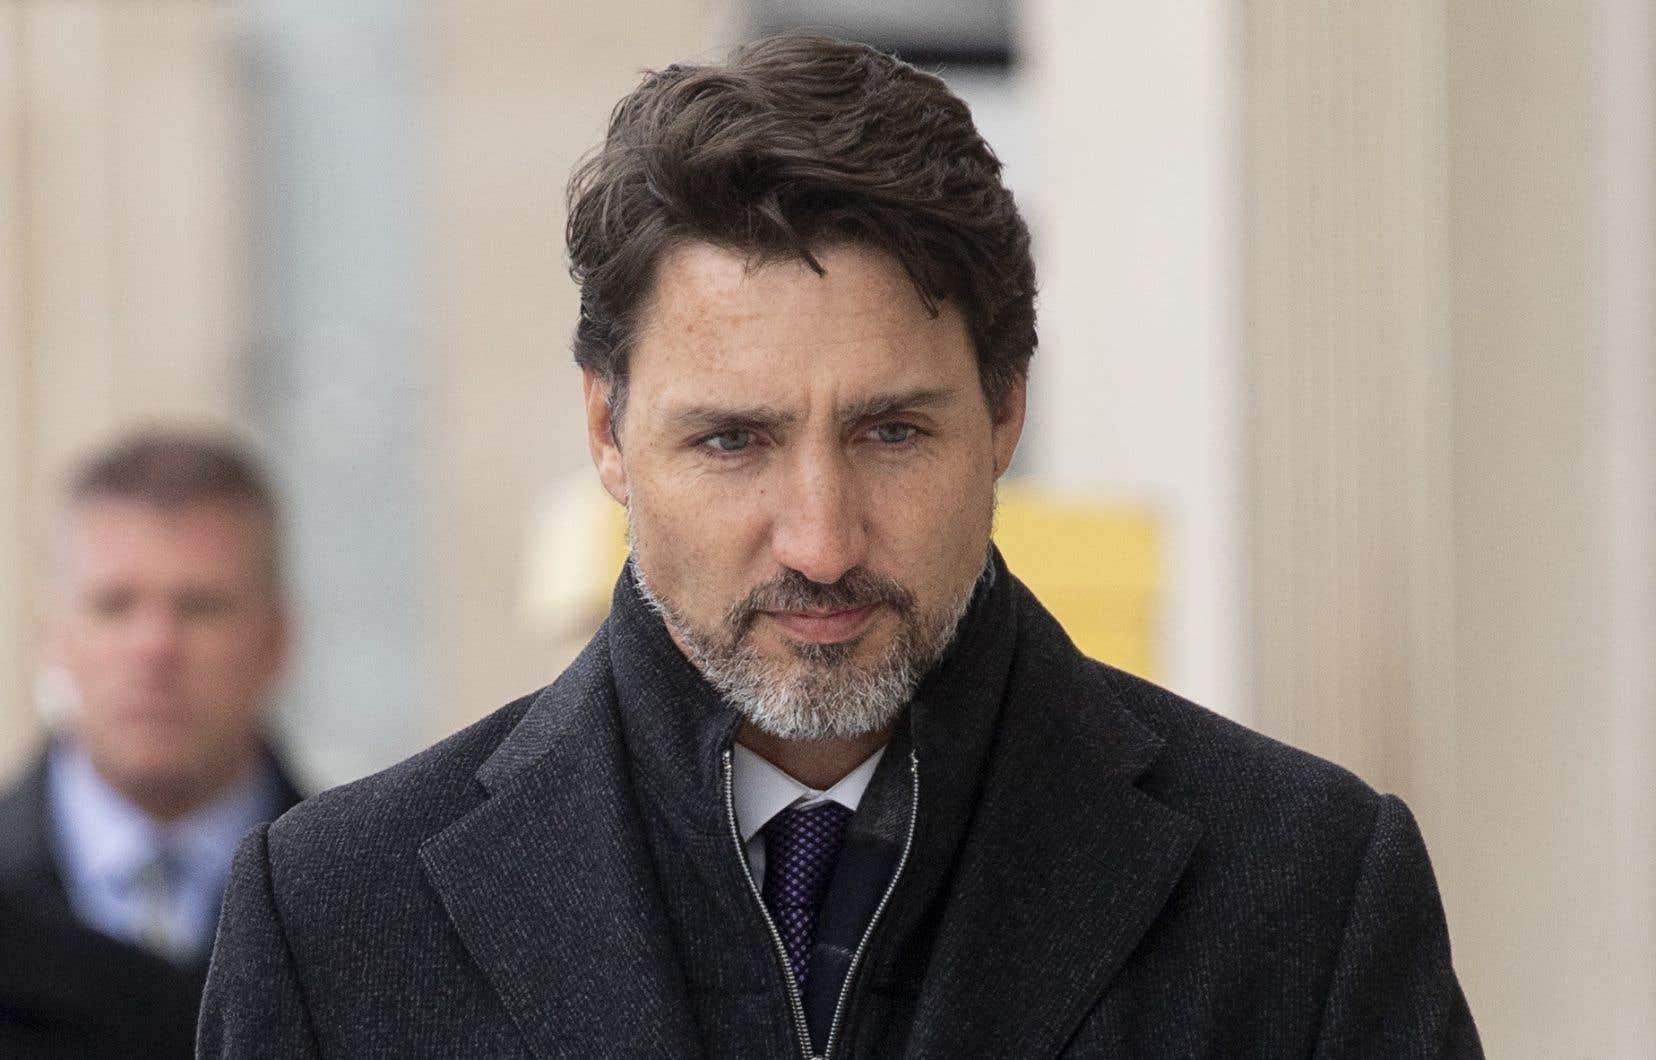 JustinTrudeau a rappelé qu'il s'agissait «d'une tragédie nationale et tous les Canadiens sont dans le deuil».